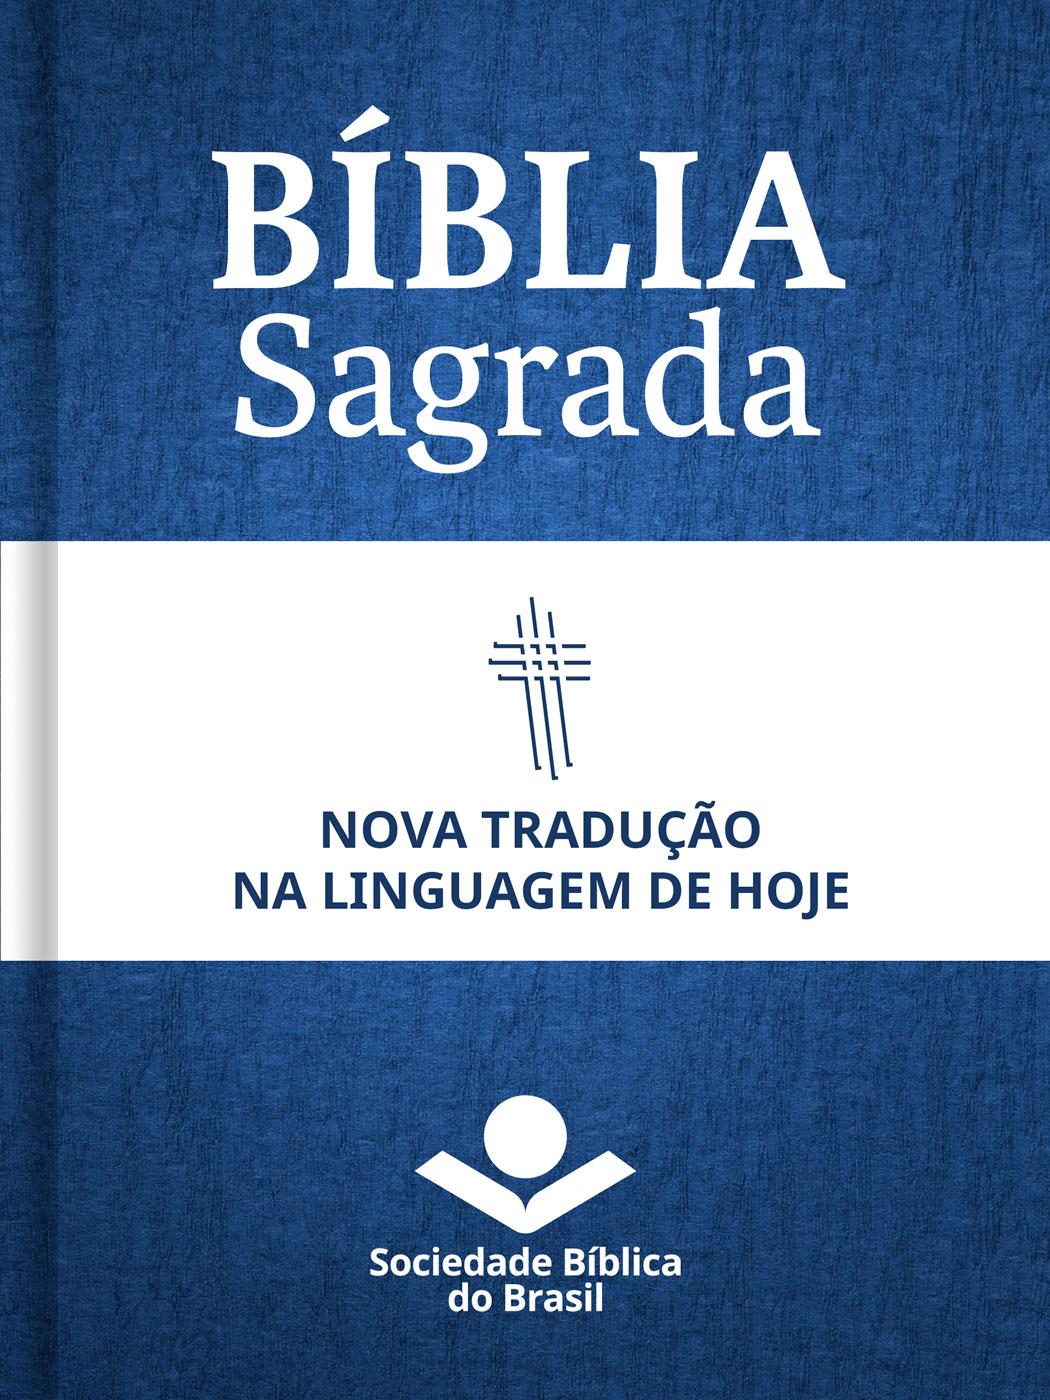 Nova Tradução na Linguagem de Hoje (2000)